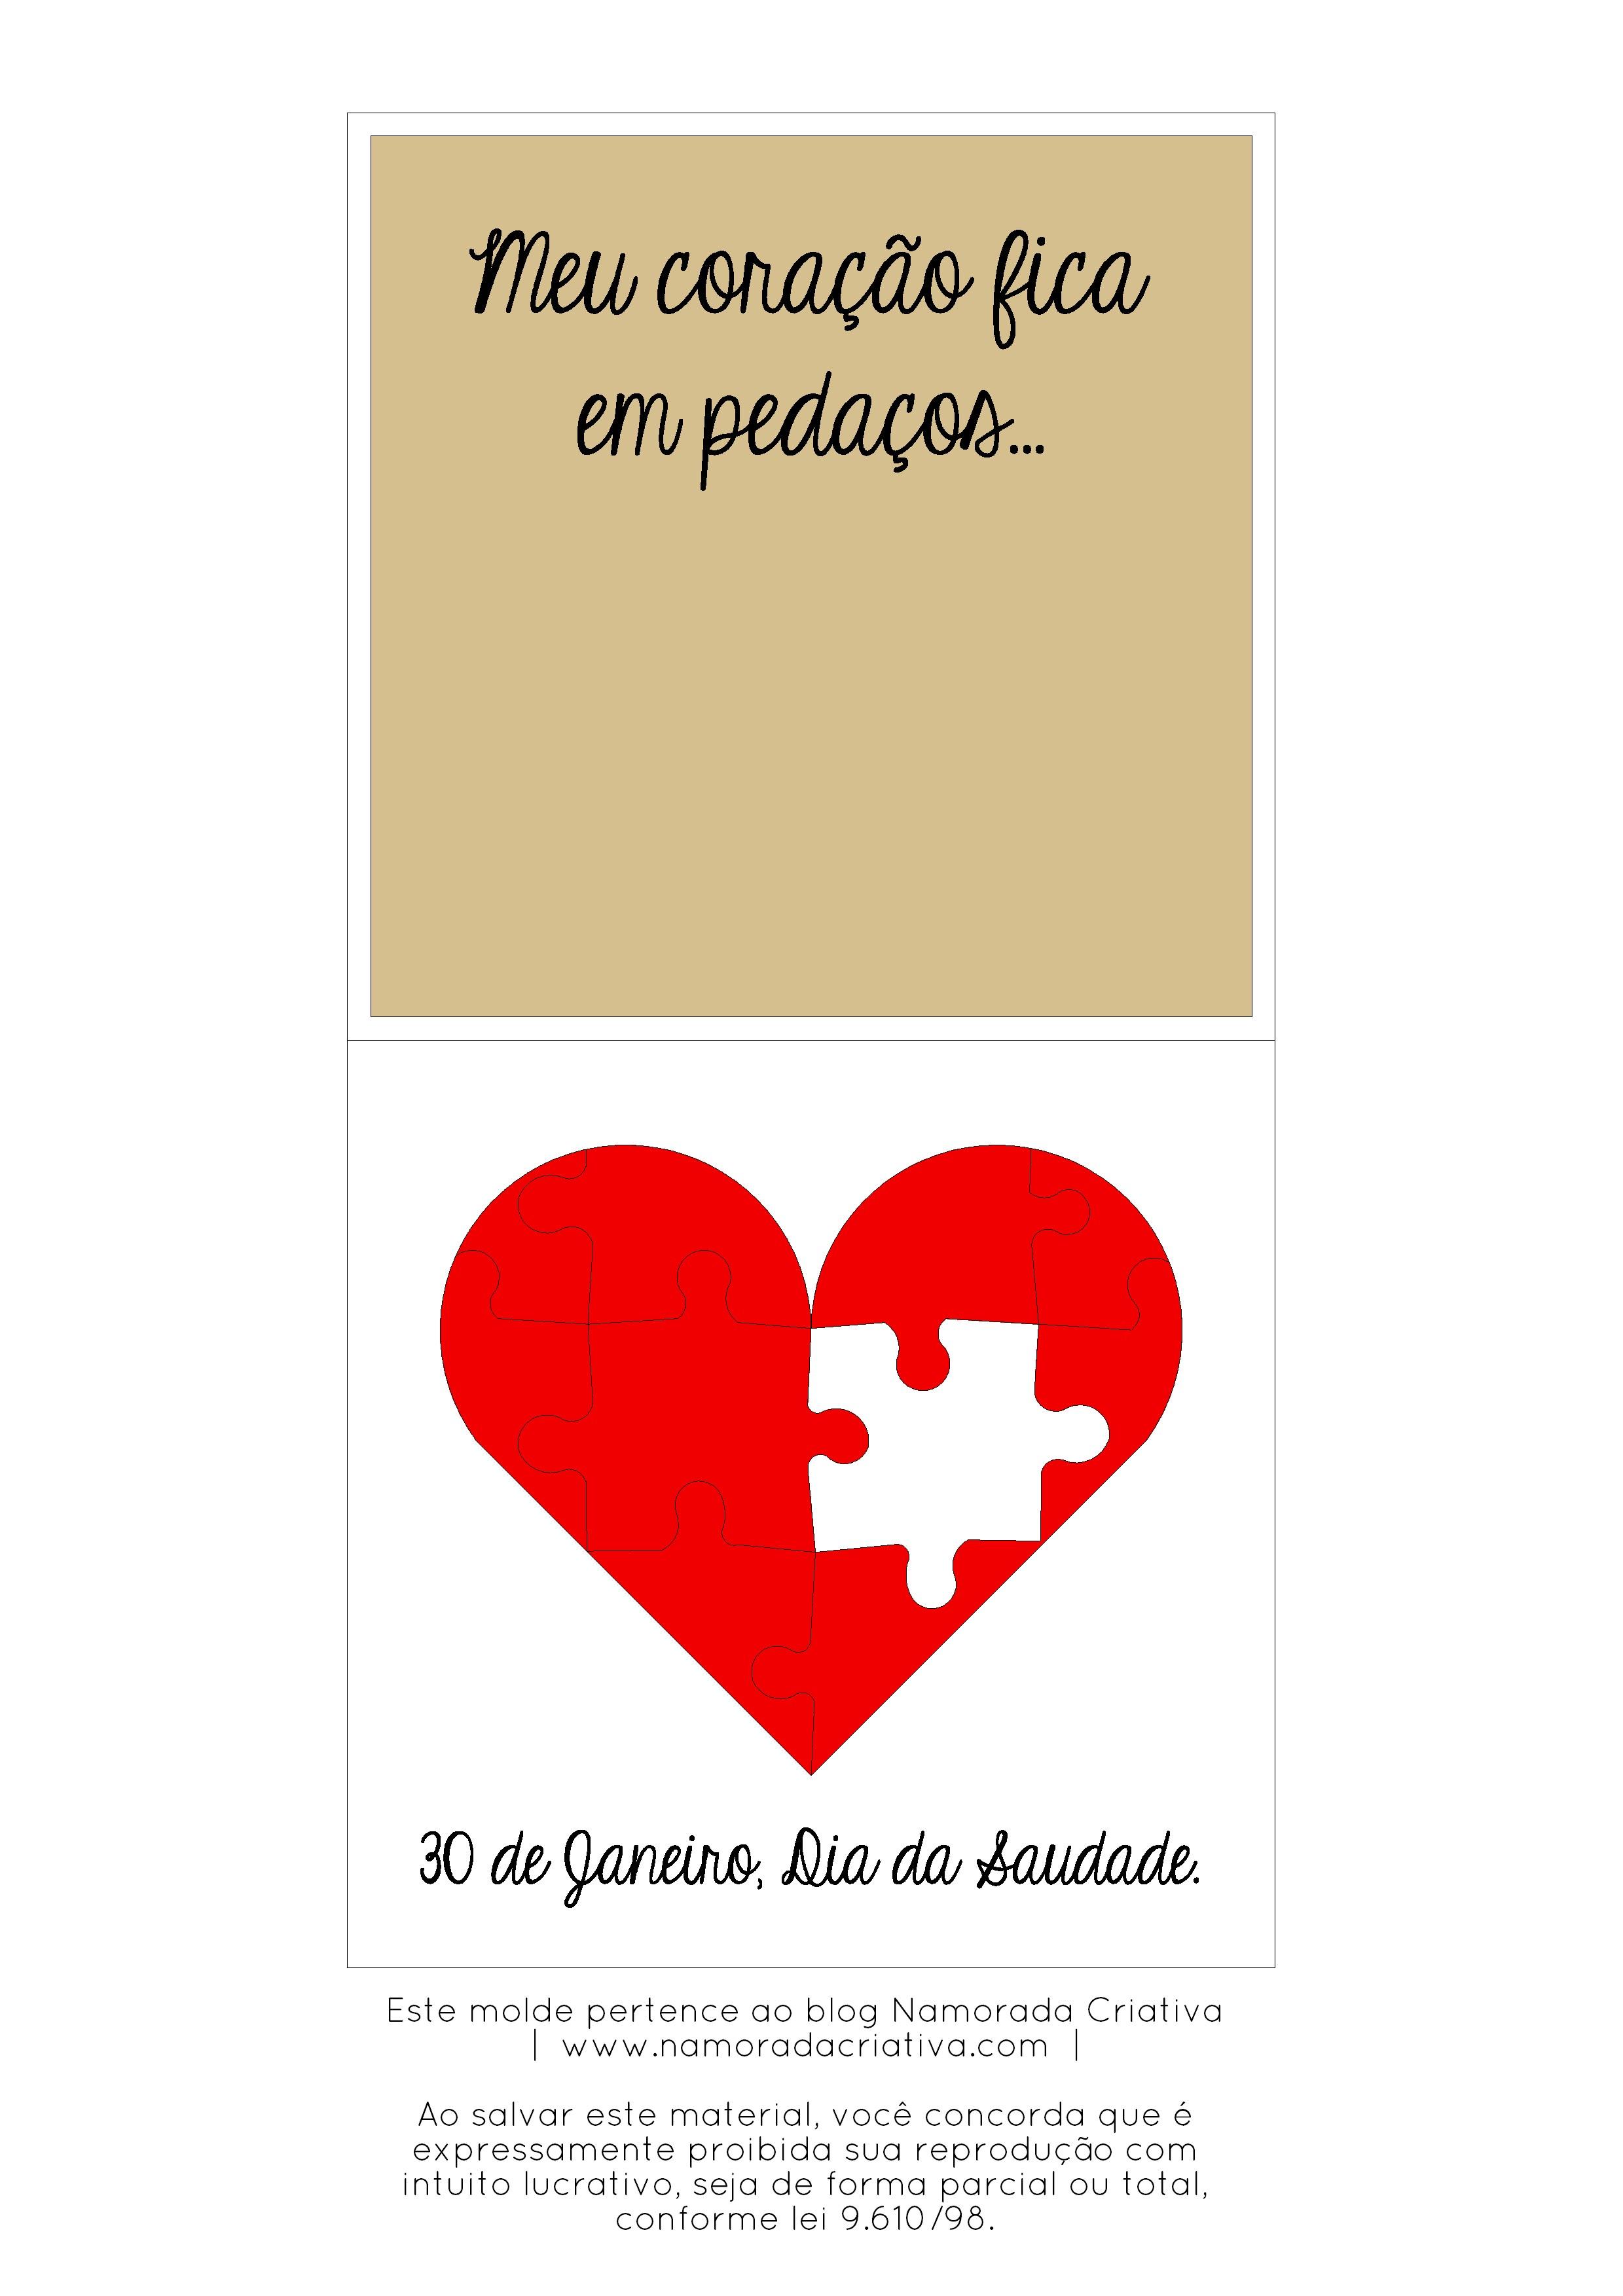 """Calendario Fevereiro Imprimir Más Populares Diy Dia Da Saudade – Cart£ozinho """"s³ Vocª Me Pleta """" Of Calendario Fevereiro Imprimir Más Arriba-a-fecha 23 Best Calendar 2013 Images On Pinterest"""